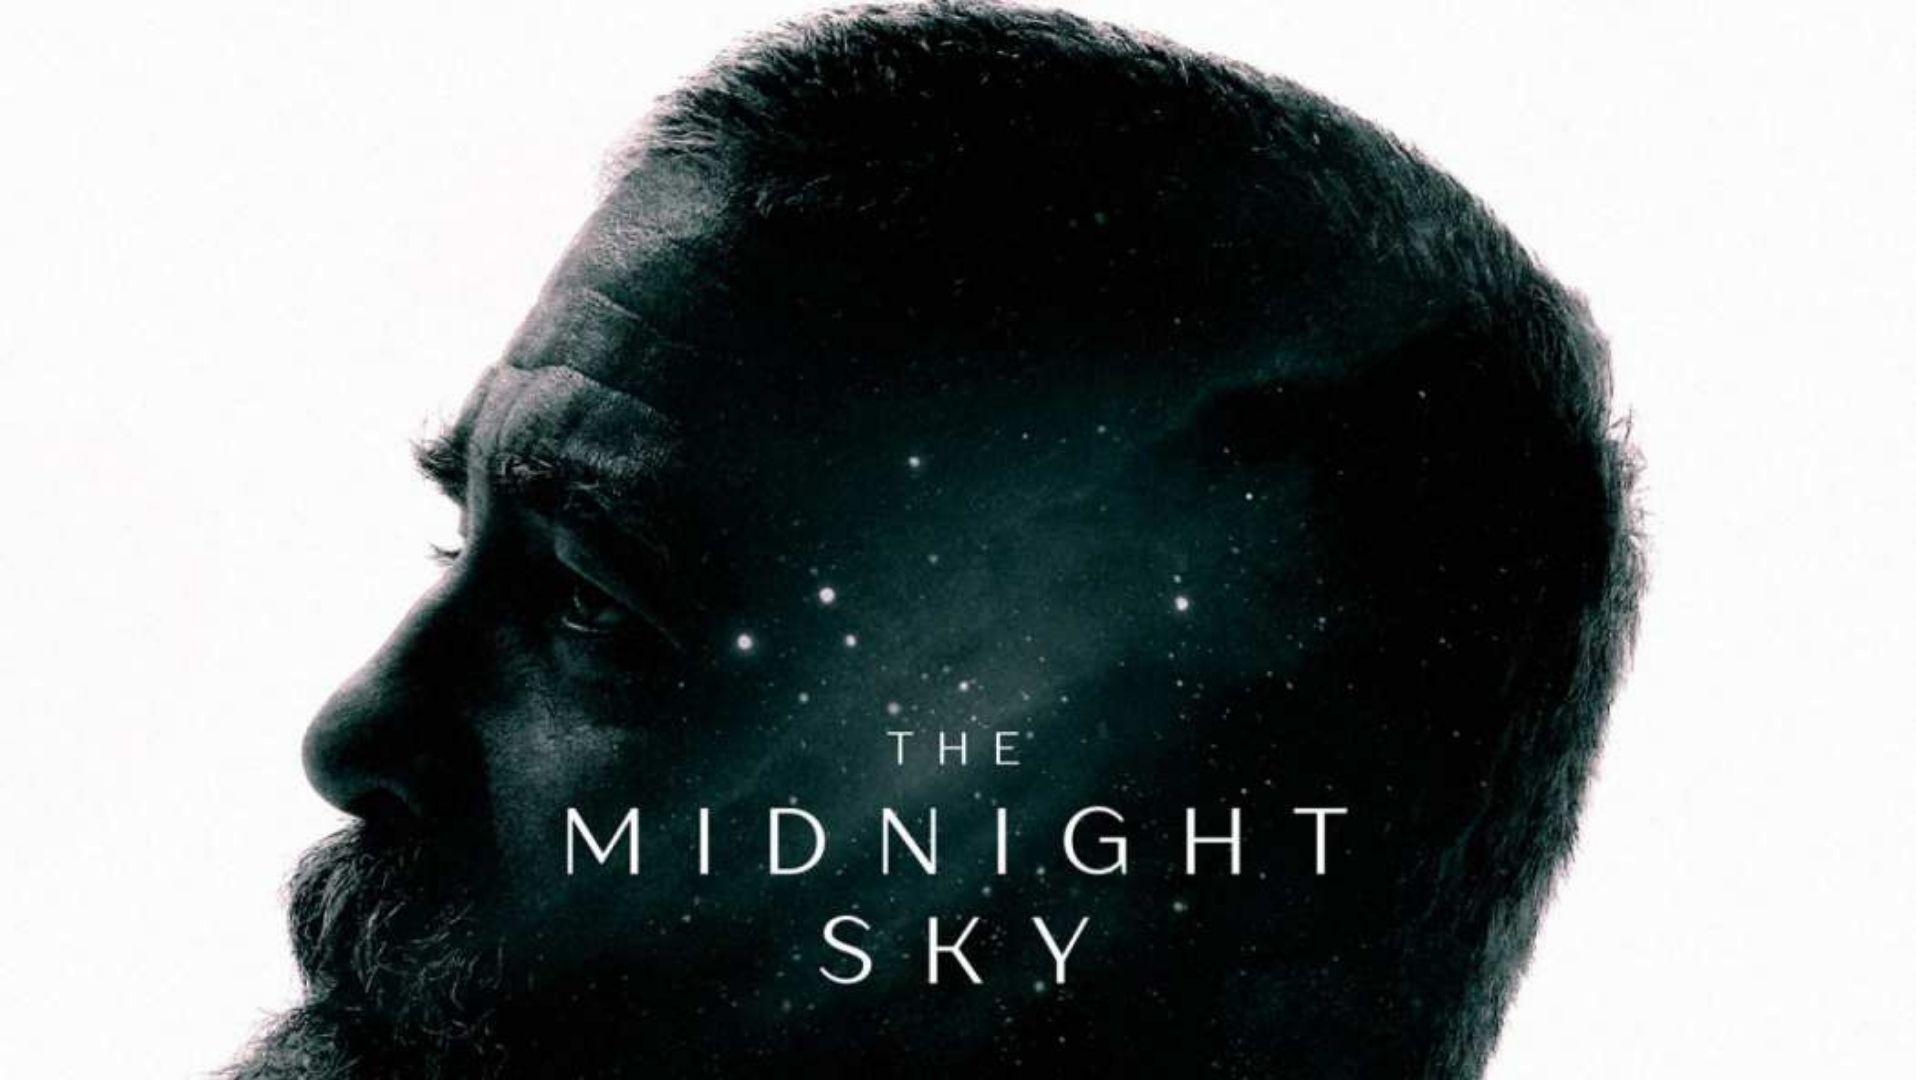 The Midnight Sky: fantascienza d'autore ma con troppi dubbi